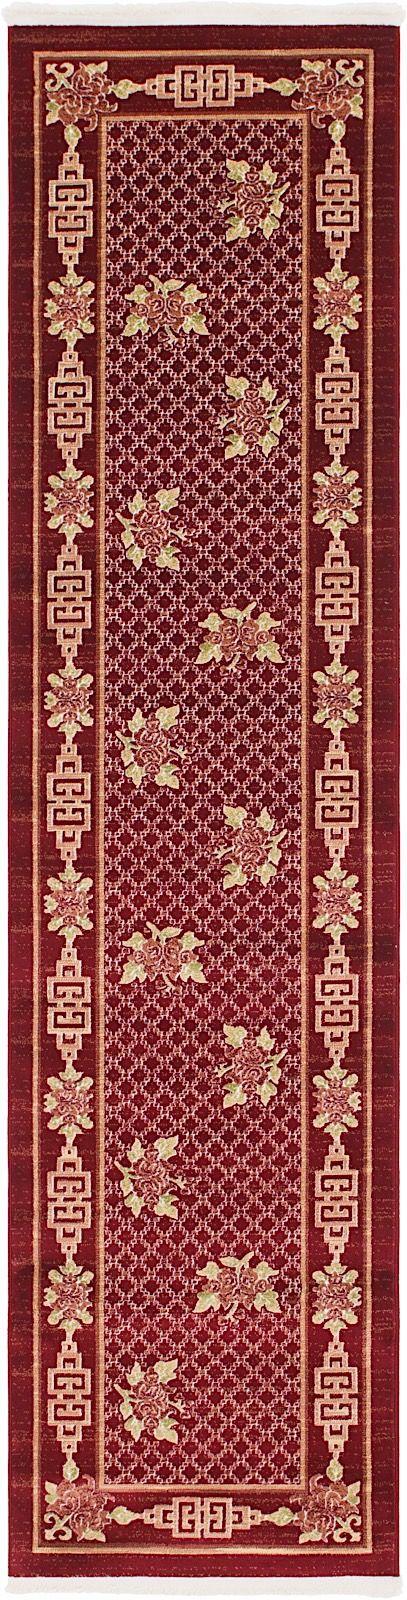 unique loom gansu country & floral area rug collection